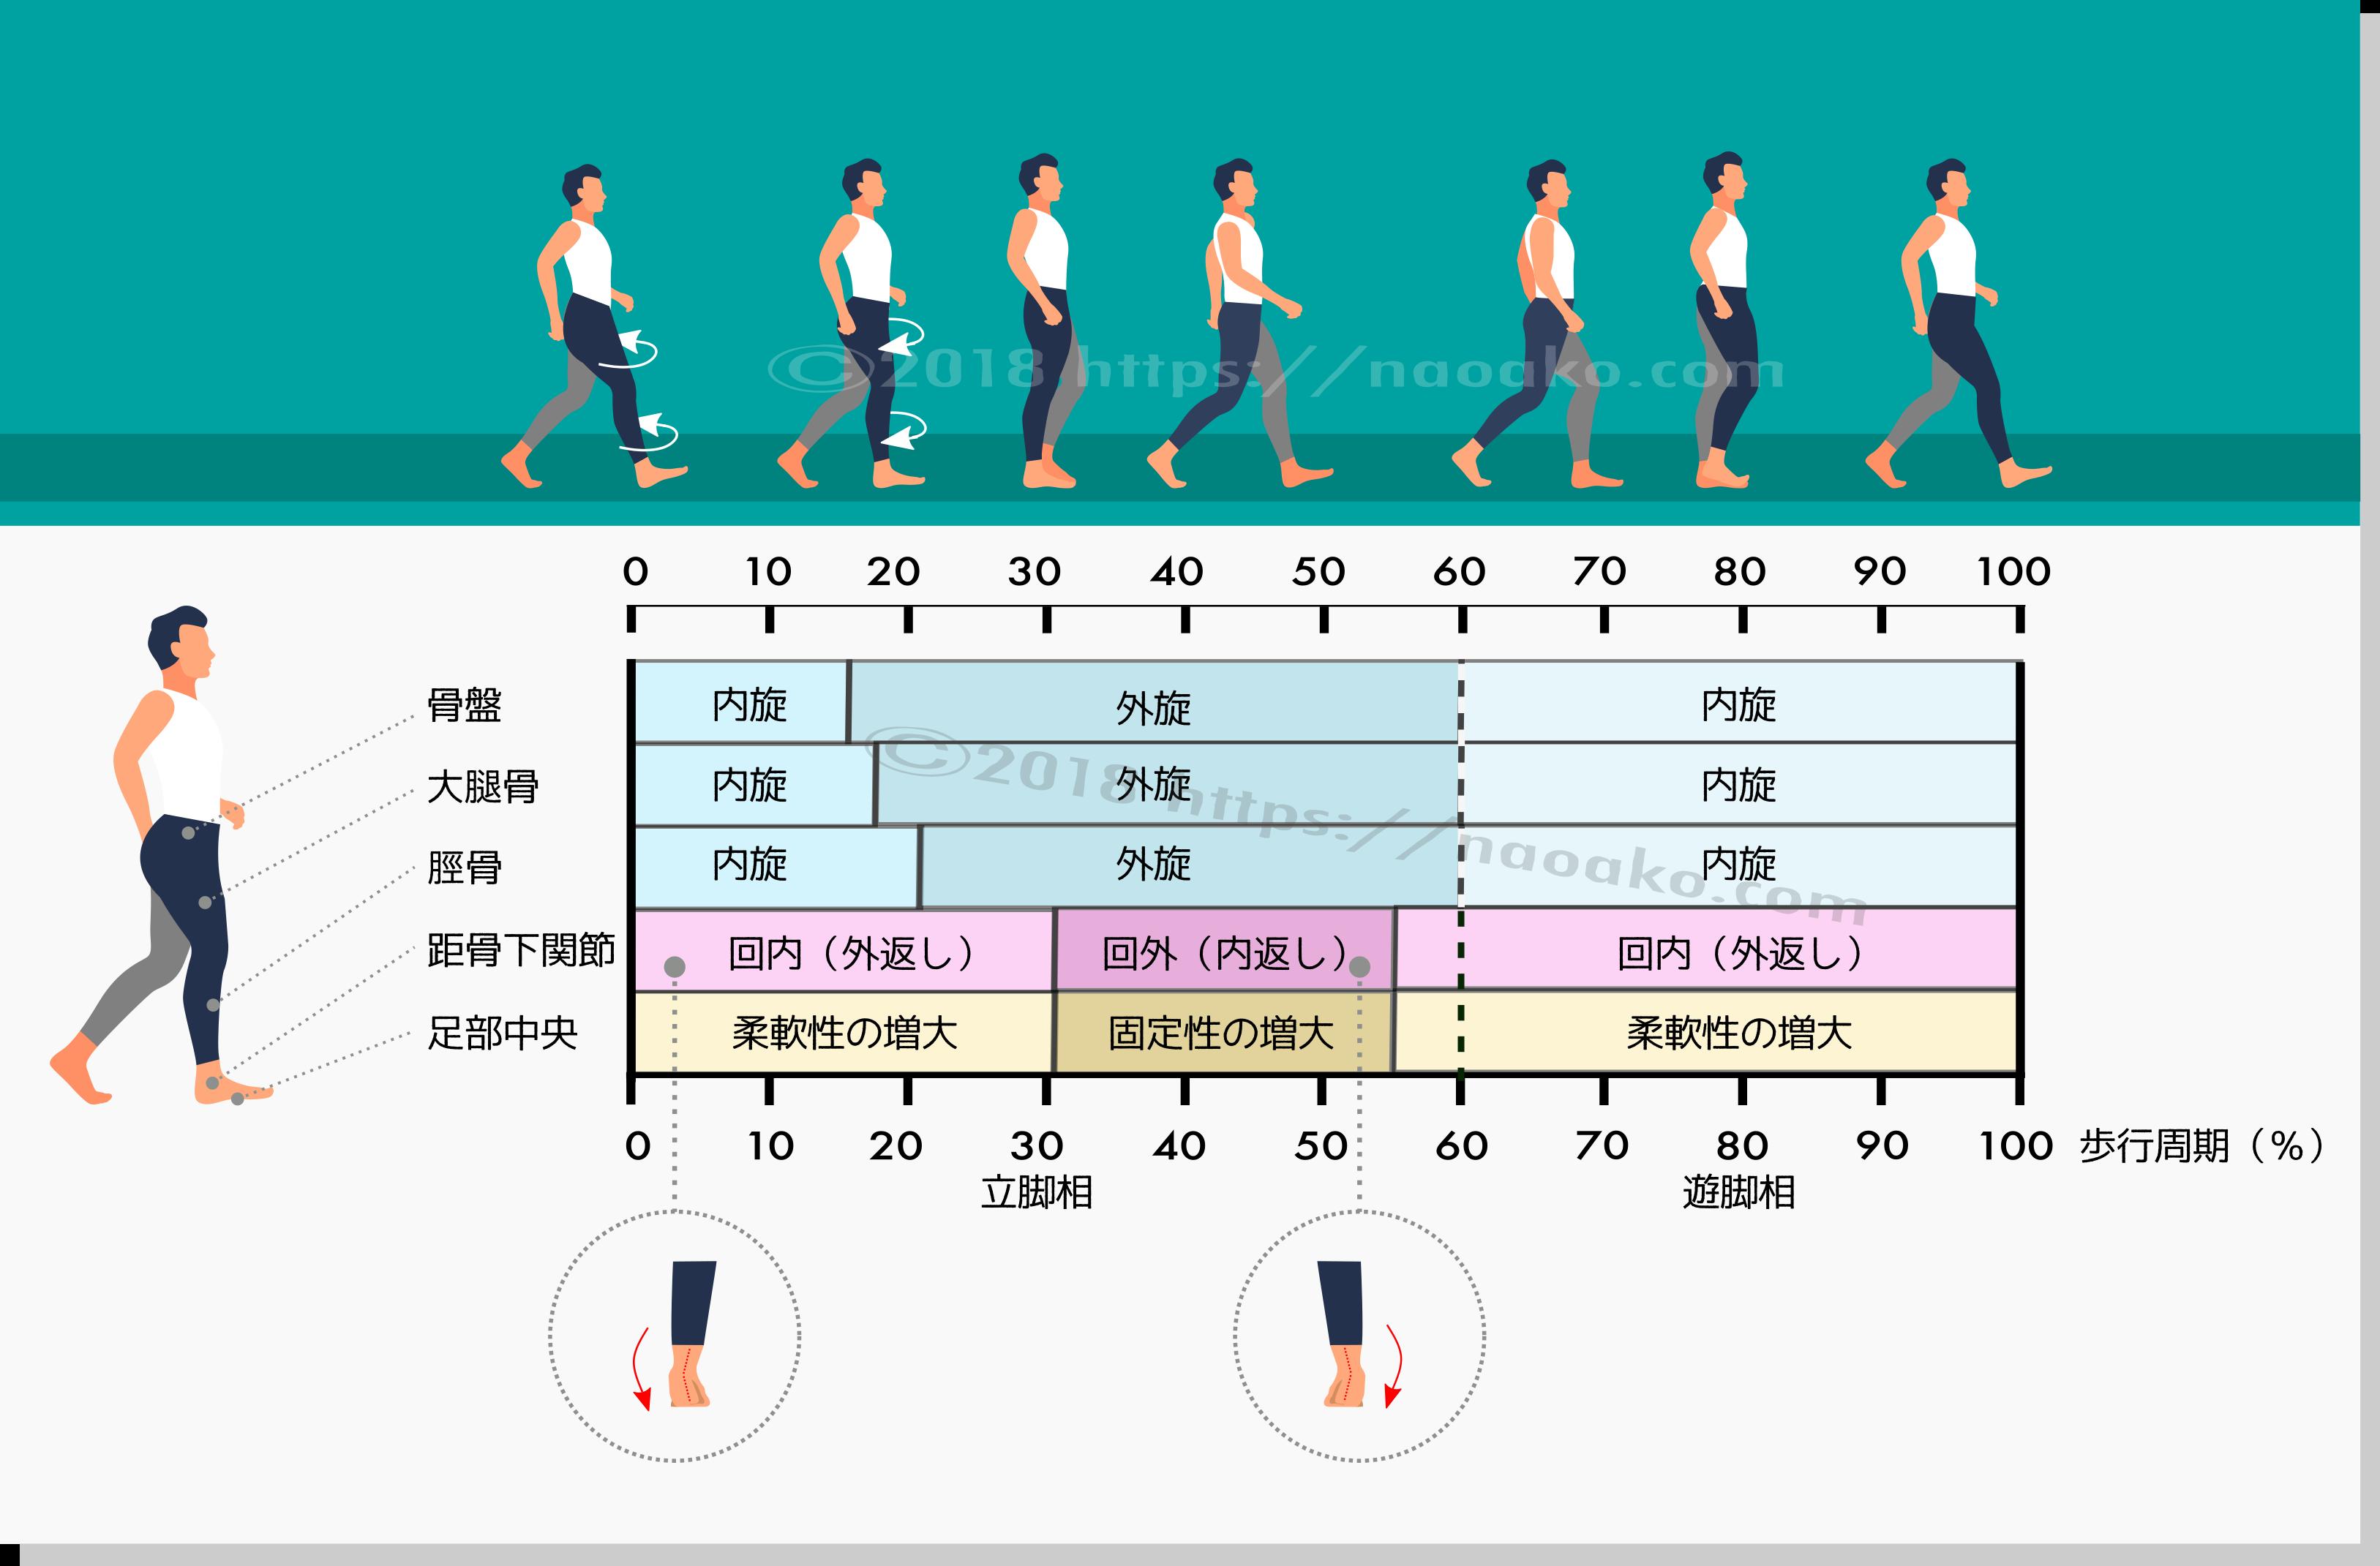 歩行位相と足の硬軟の対応を示すイラスト